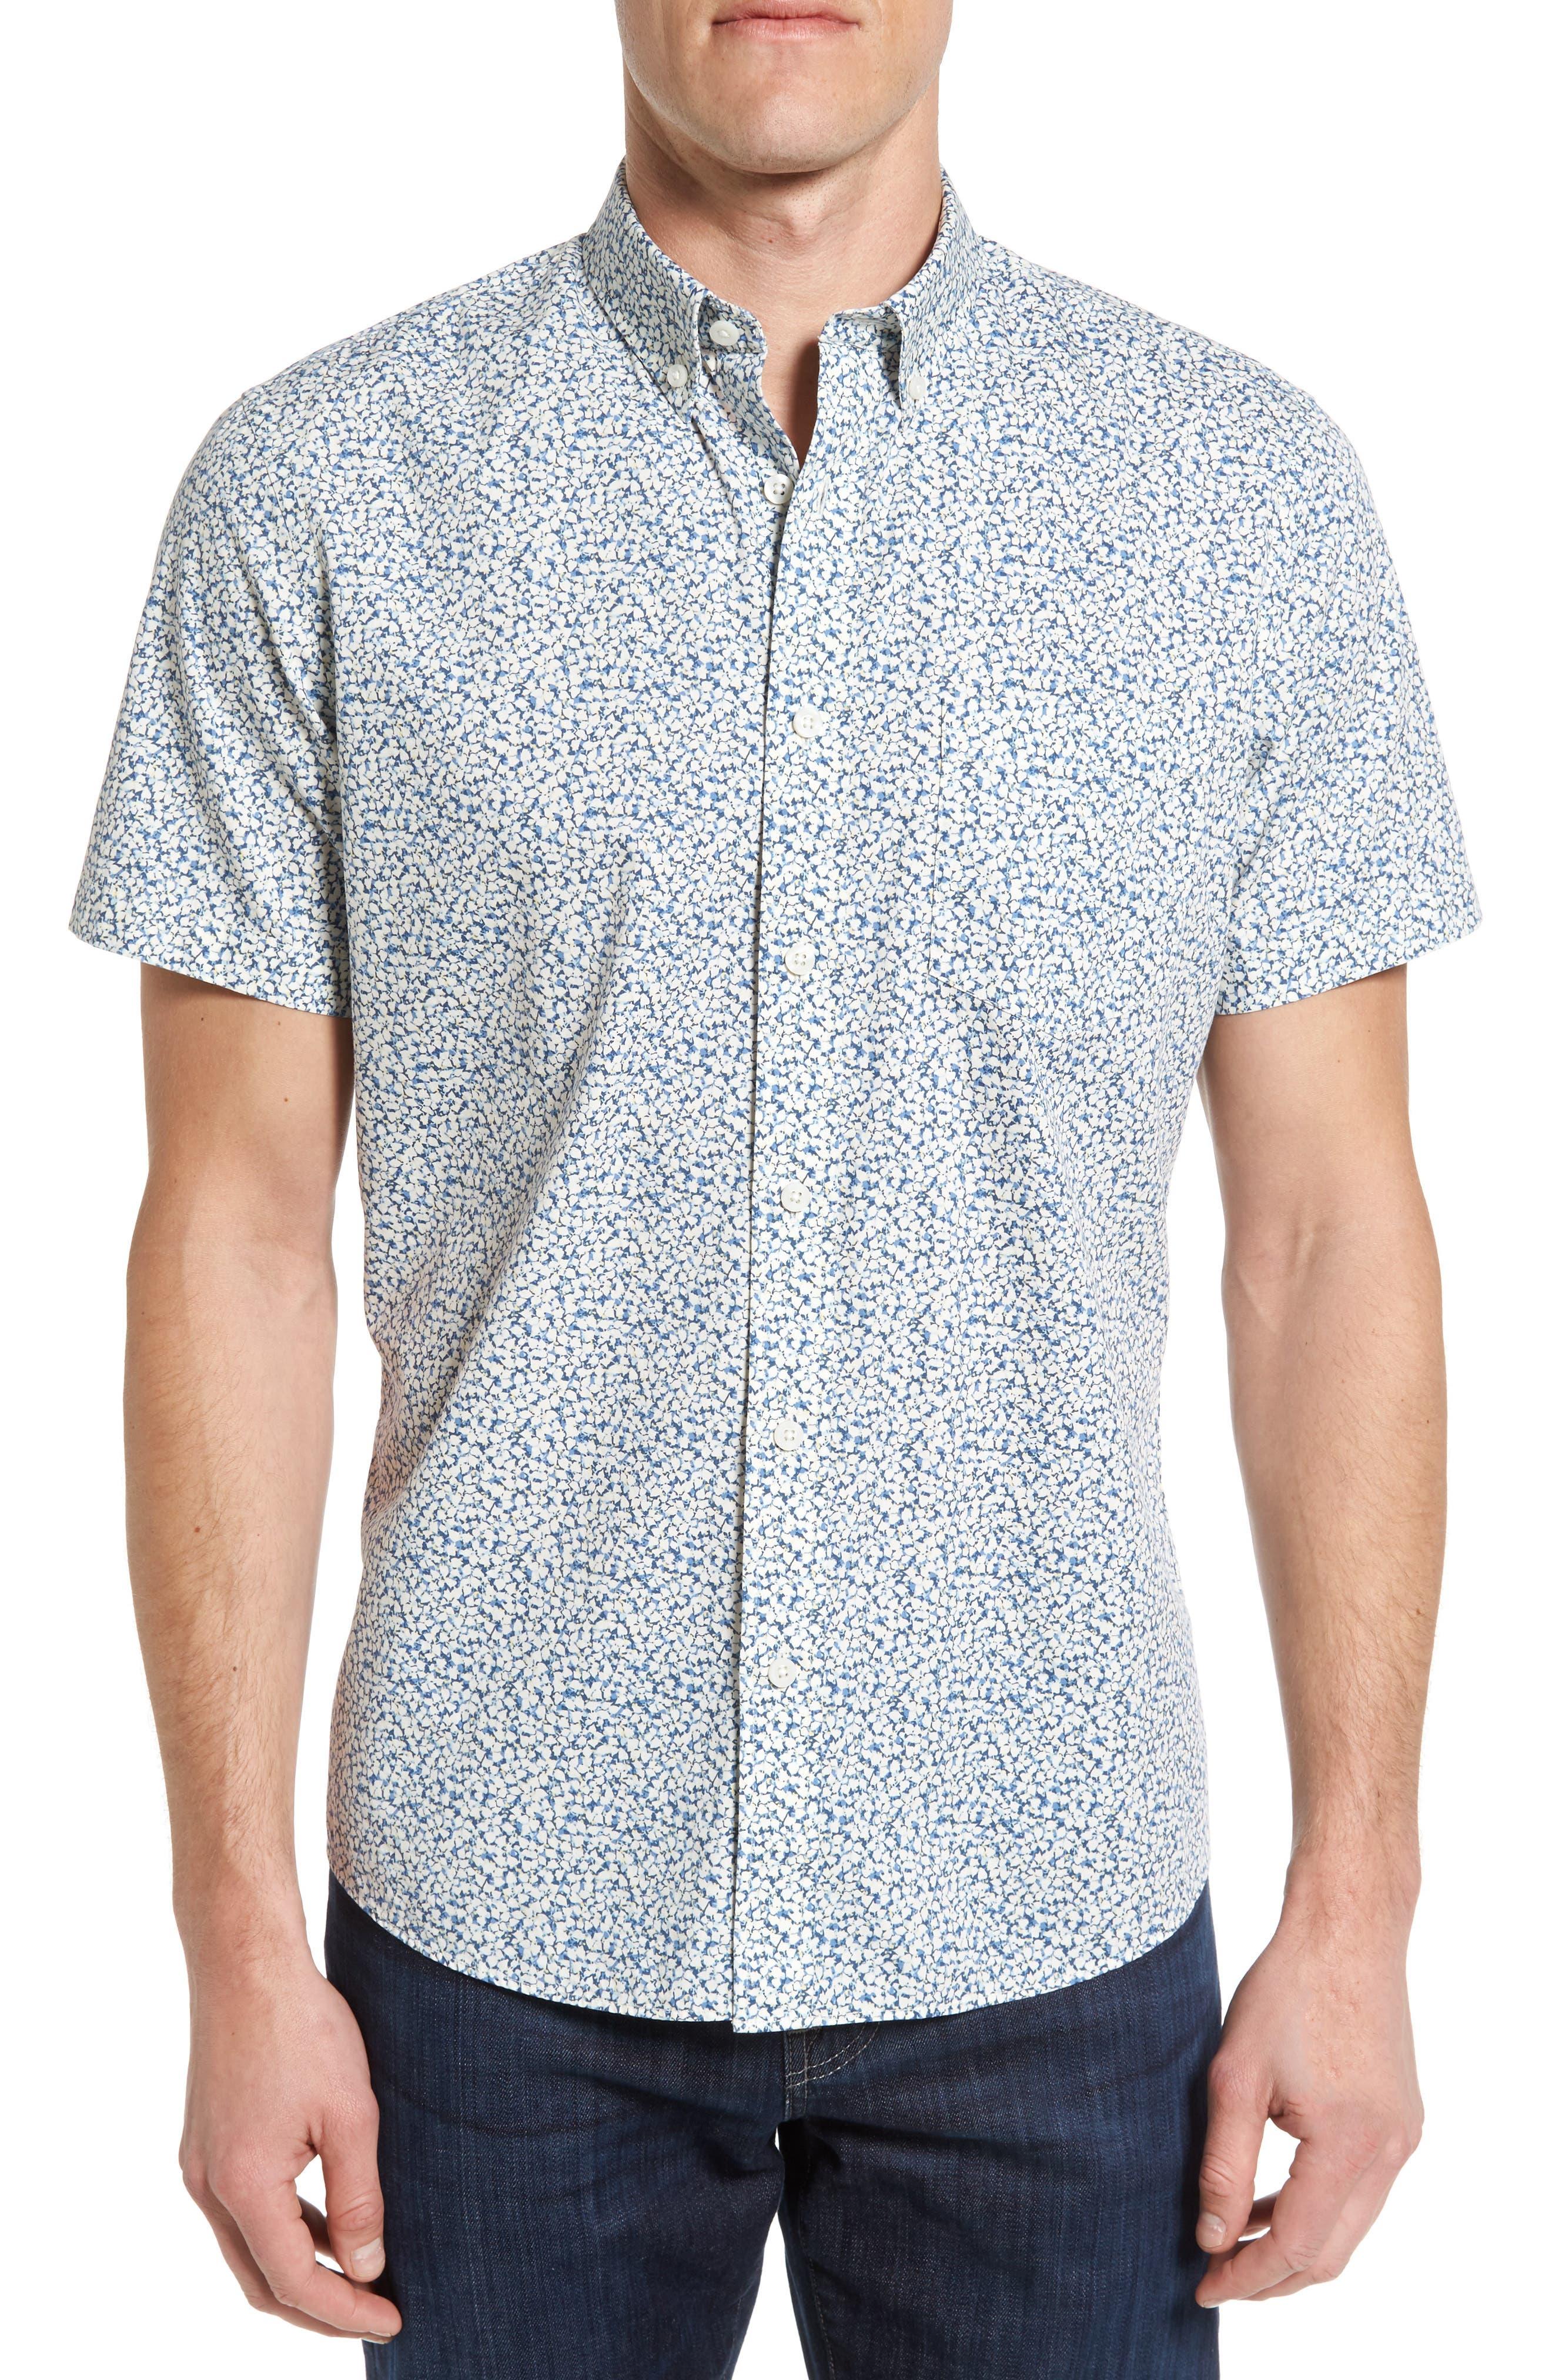 Nordstrom Men's Shop Slim Fit Floral Print Sport Shirt